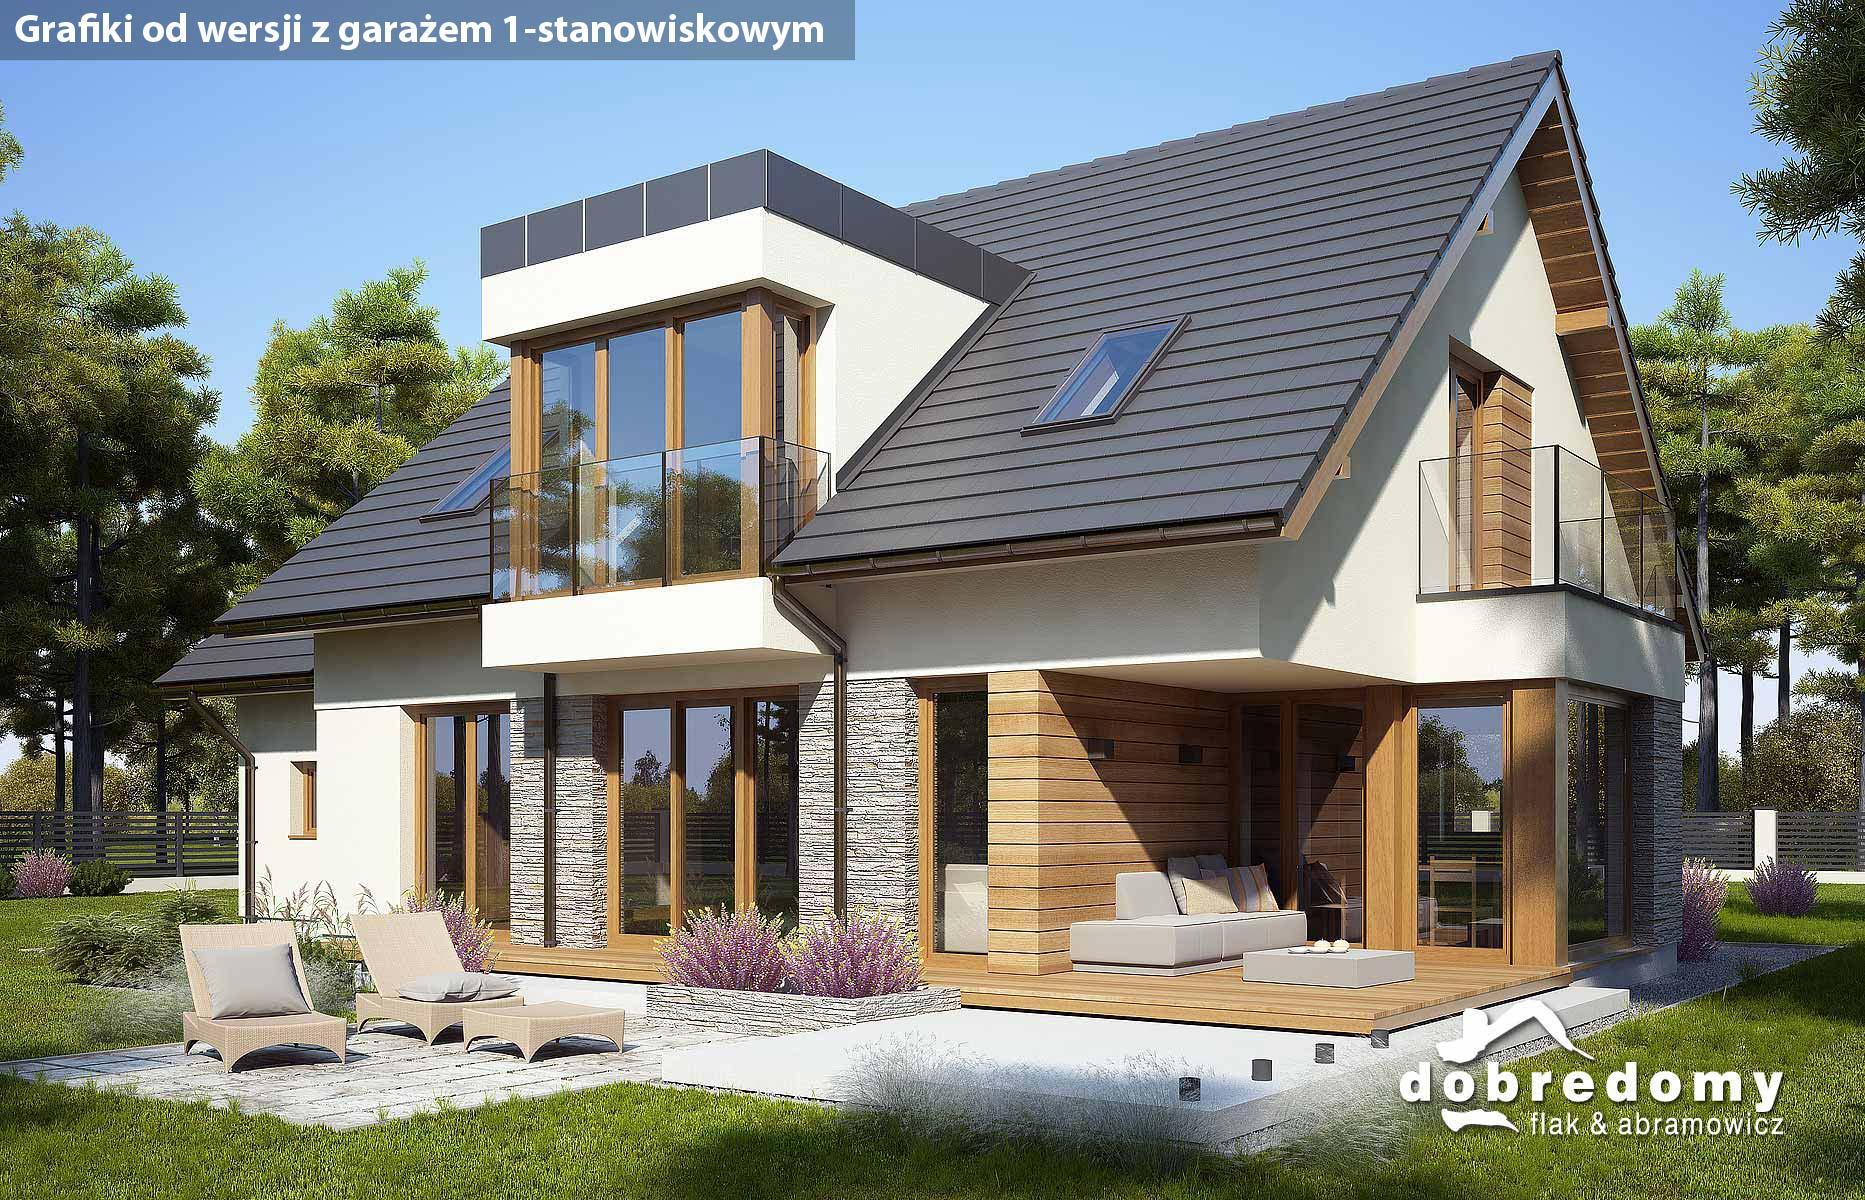 Projekt domu z piwnicą czy bez – co wybrać?